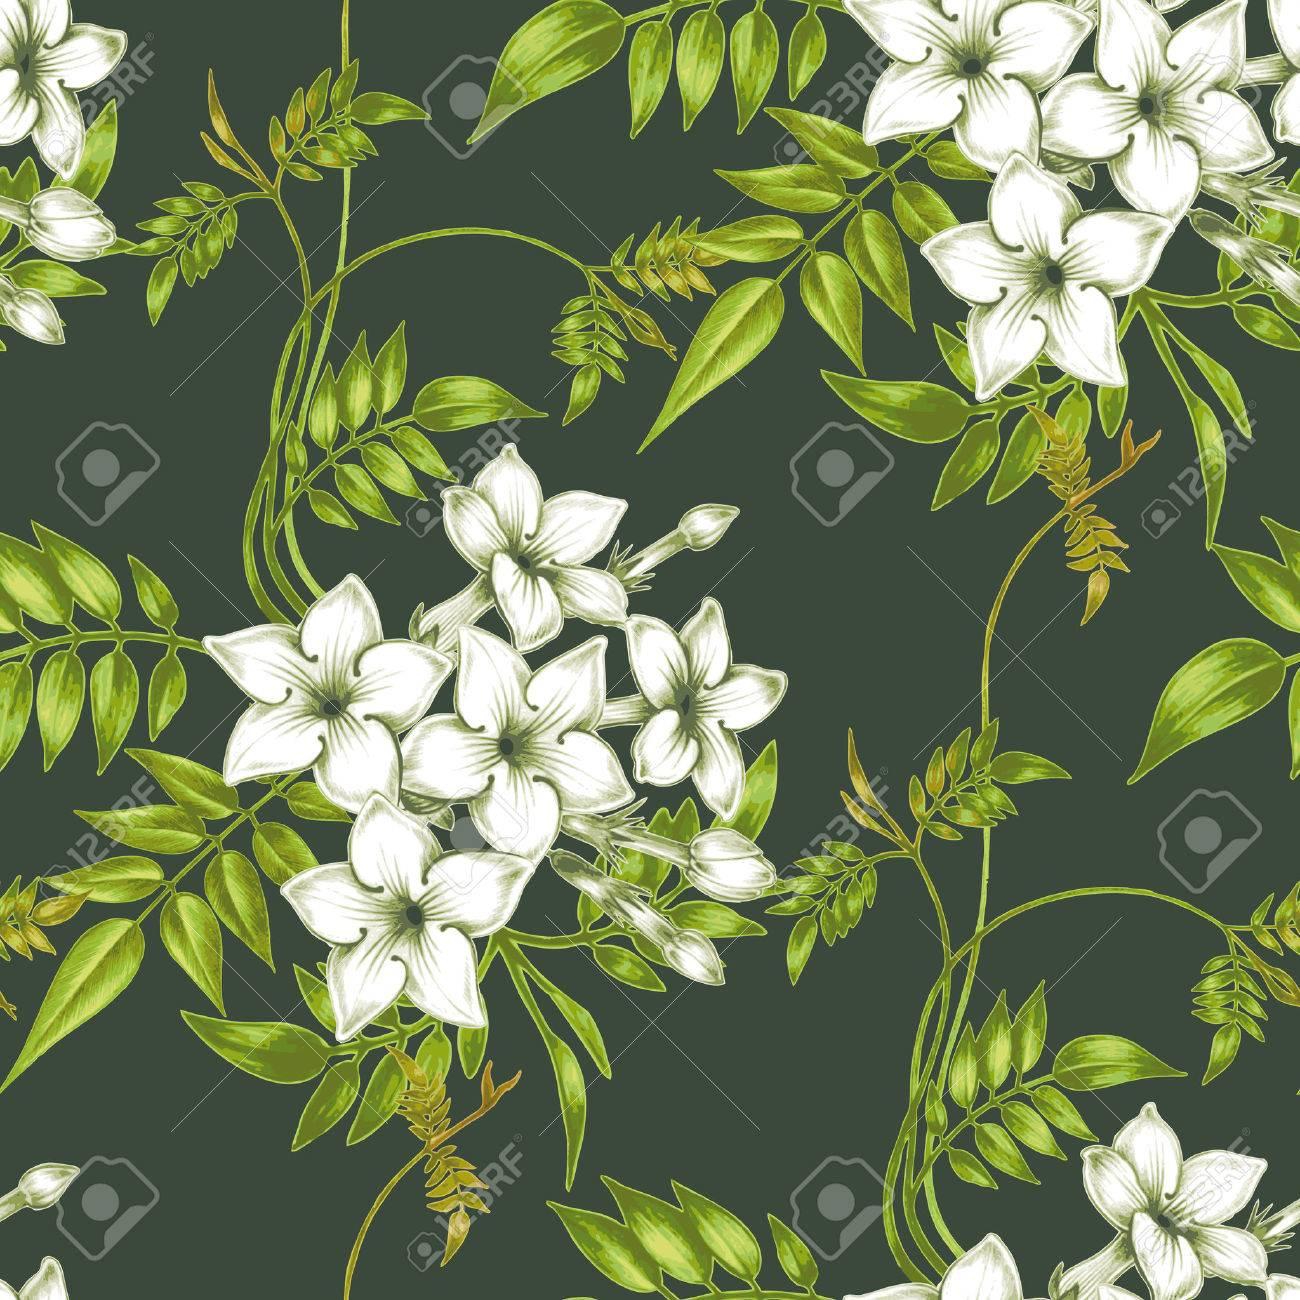 ベクターのシームレスな背景 ジャスミンの花 生地 織物 紙 壁紙 Web のデザイン ヴィンテージ 花の飾り のイラスト素材 ベクタ Image